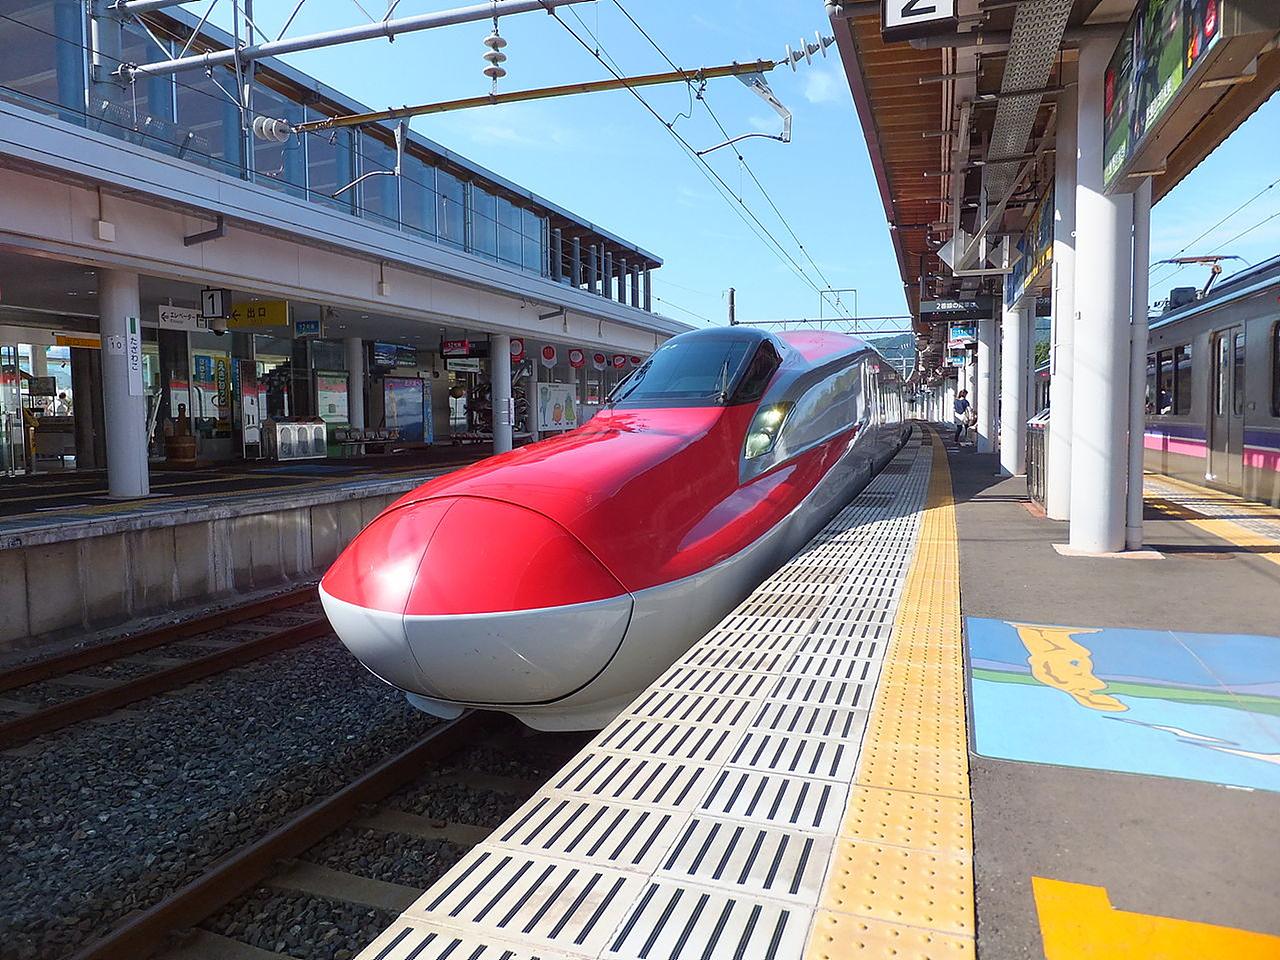 아키타 역의 고마치호 4시간여의 여행을 마치고 도착한 아키타 역의 고마치호